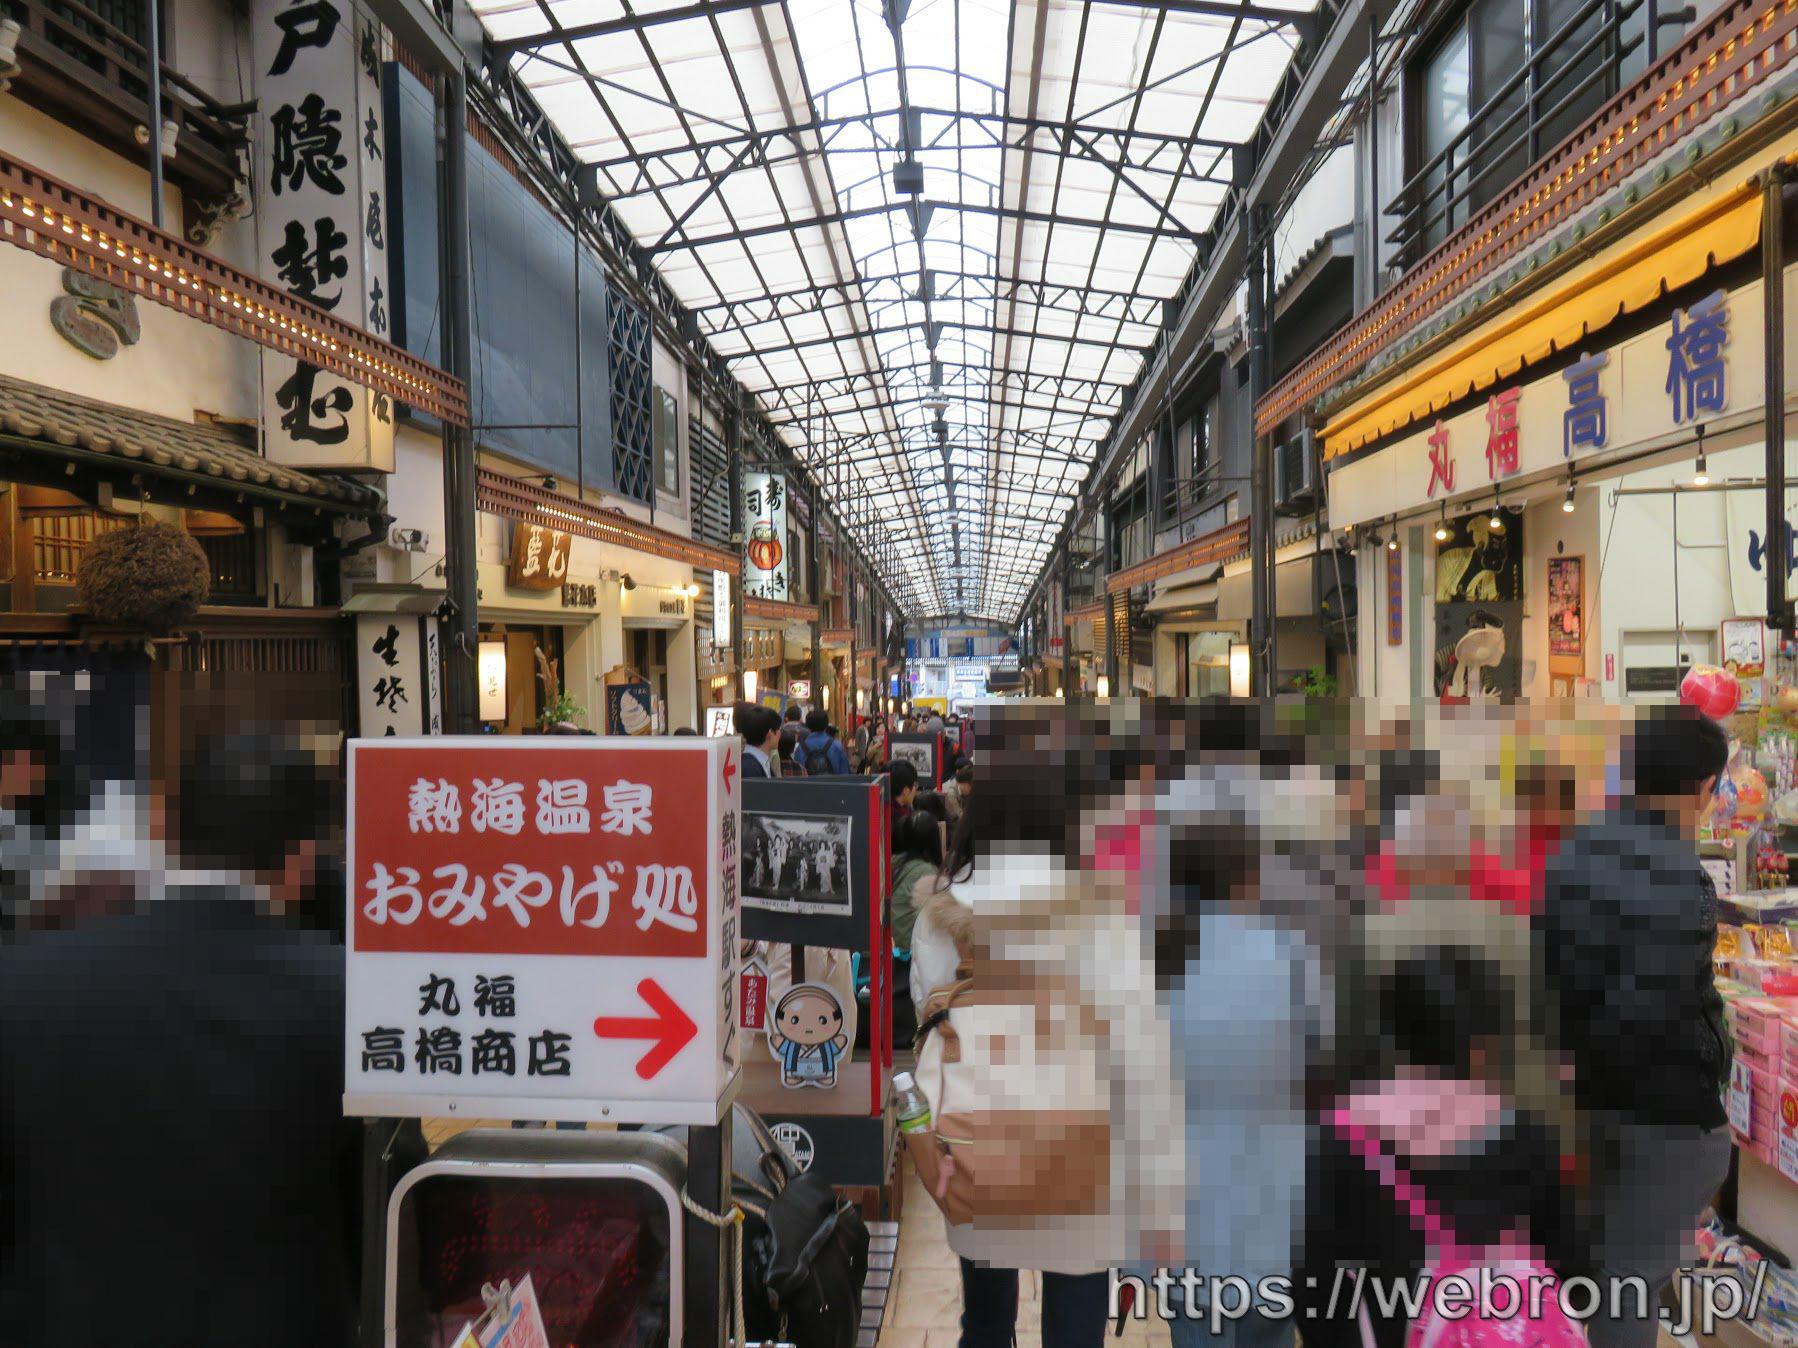 熱海駅前の商店街の人の多さ、ただしお昼時